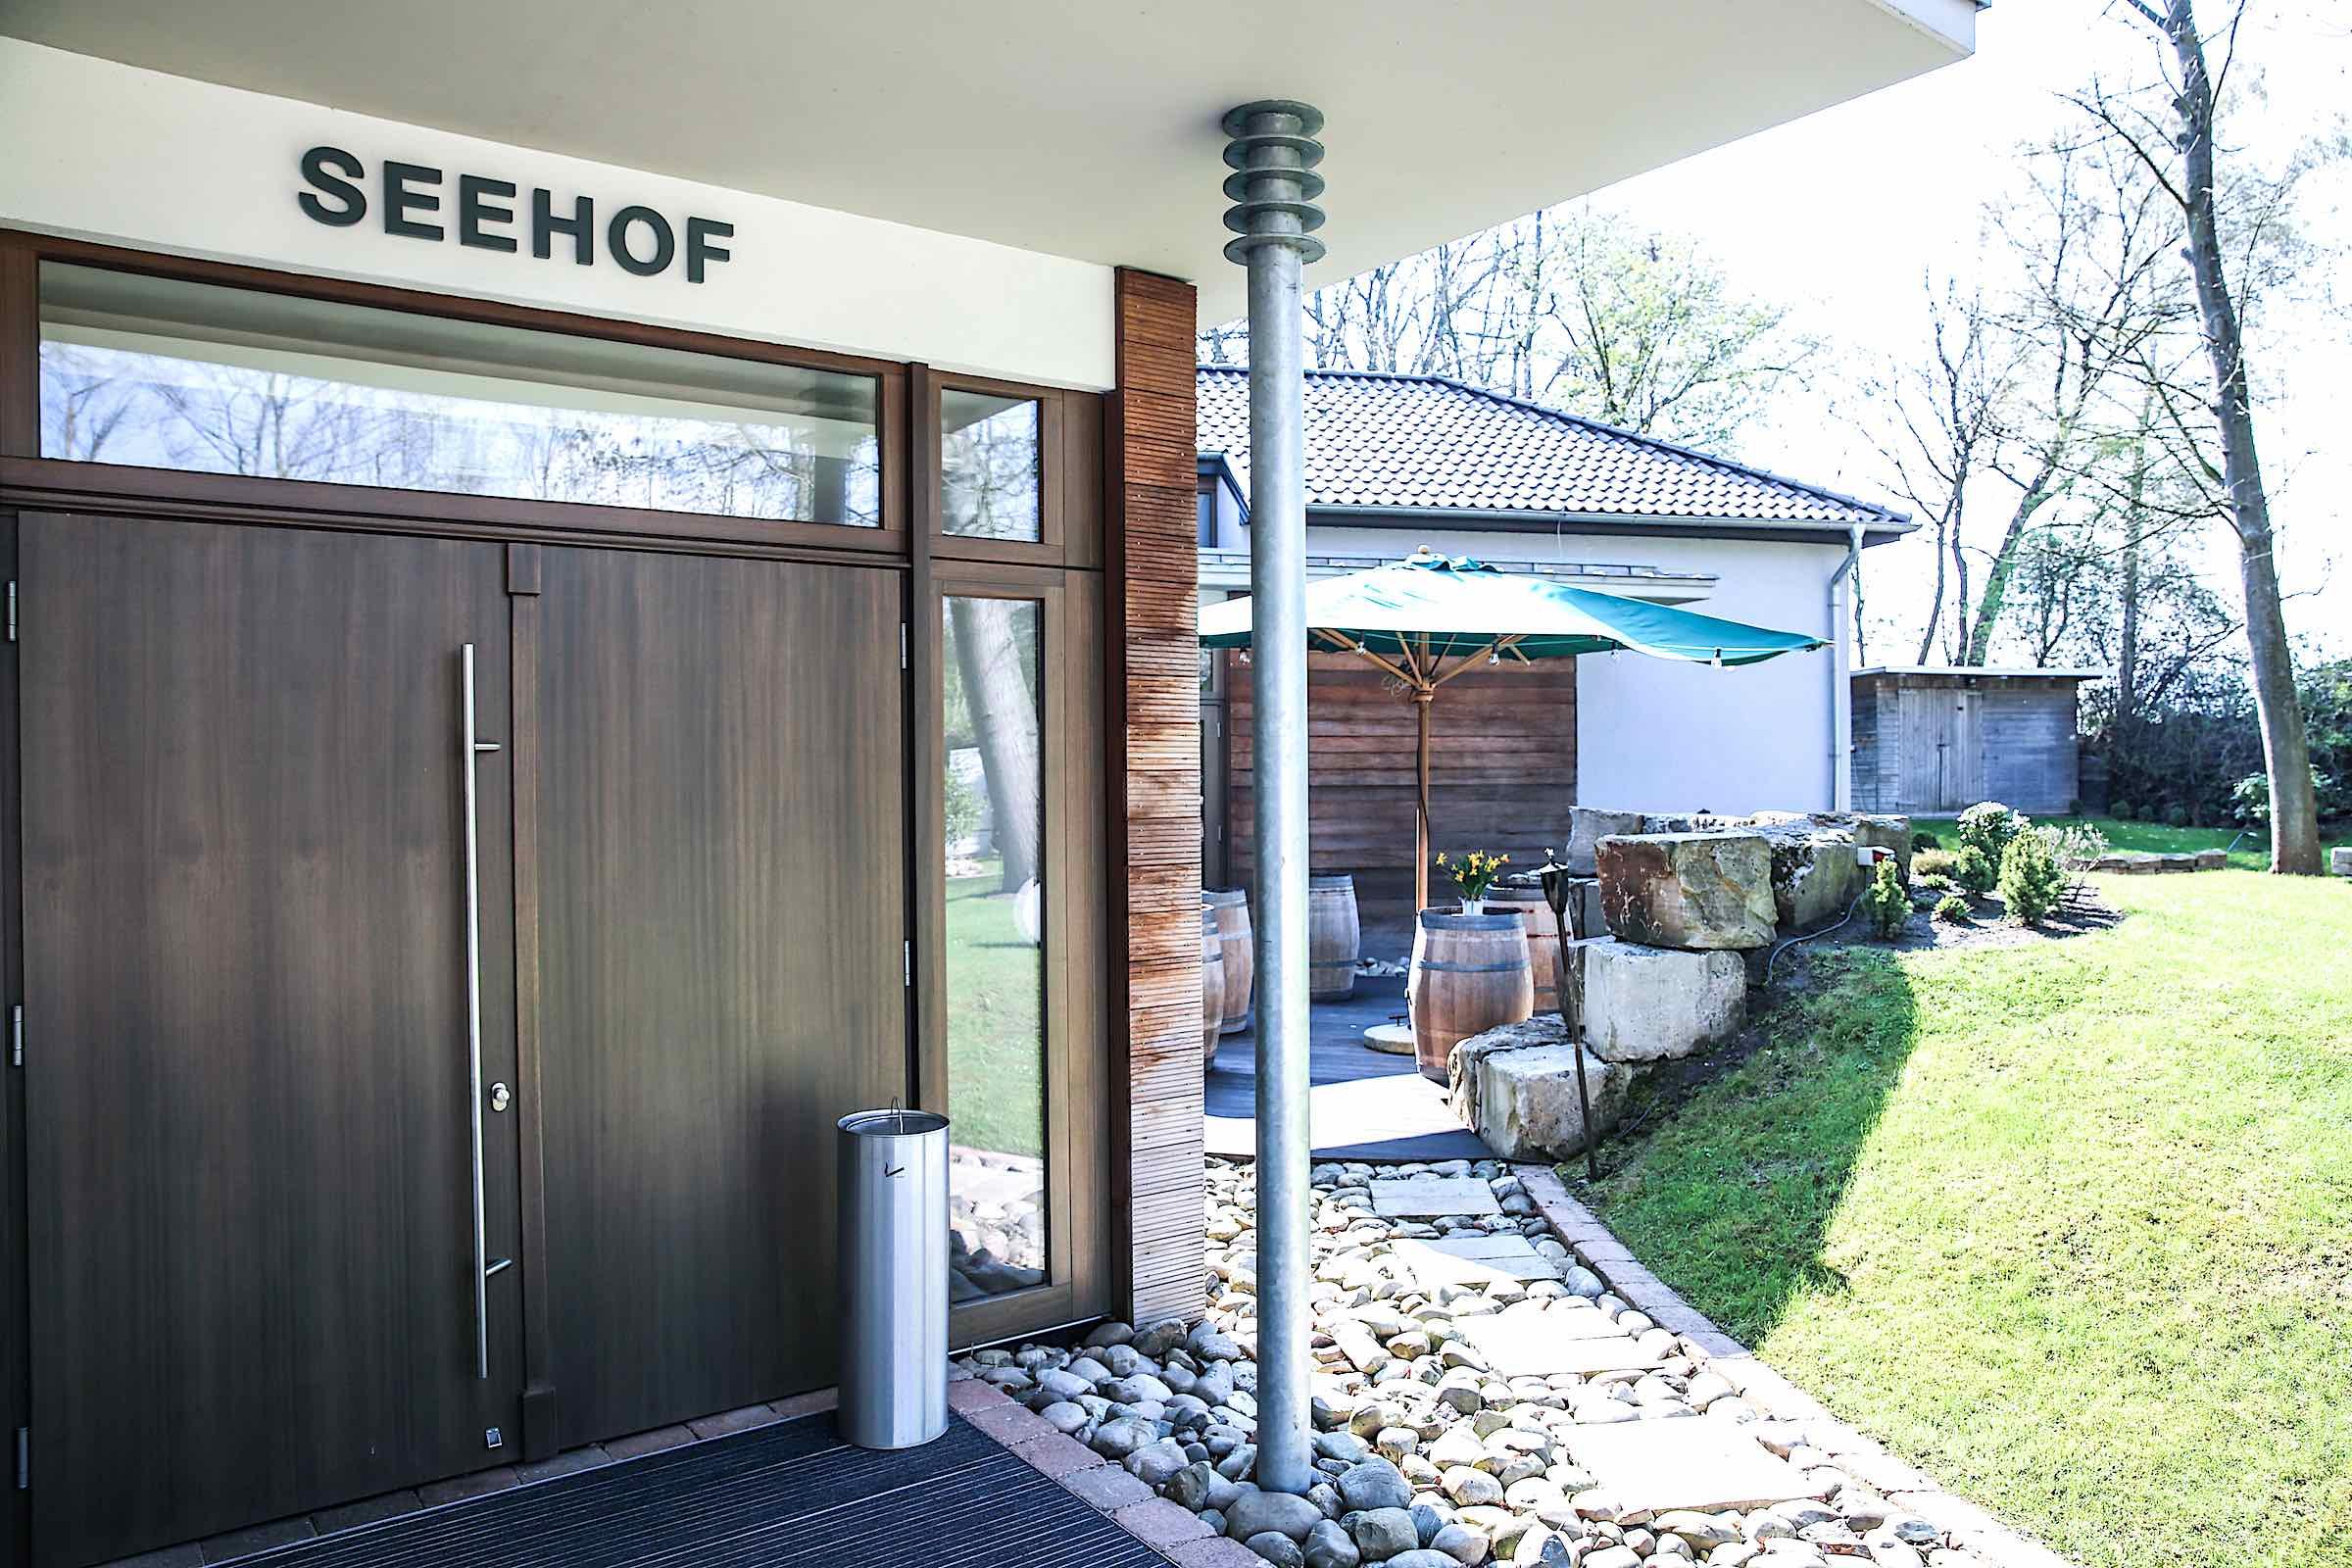 Landhaus   am   See   Seehof   Restaurant   Referenz   Location   Fotograf   DJ   Hannover   Hochzeit   DJ   Service   Lehmann   Eventservice